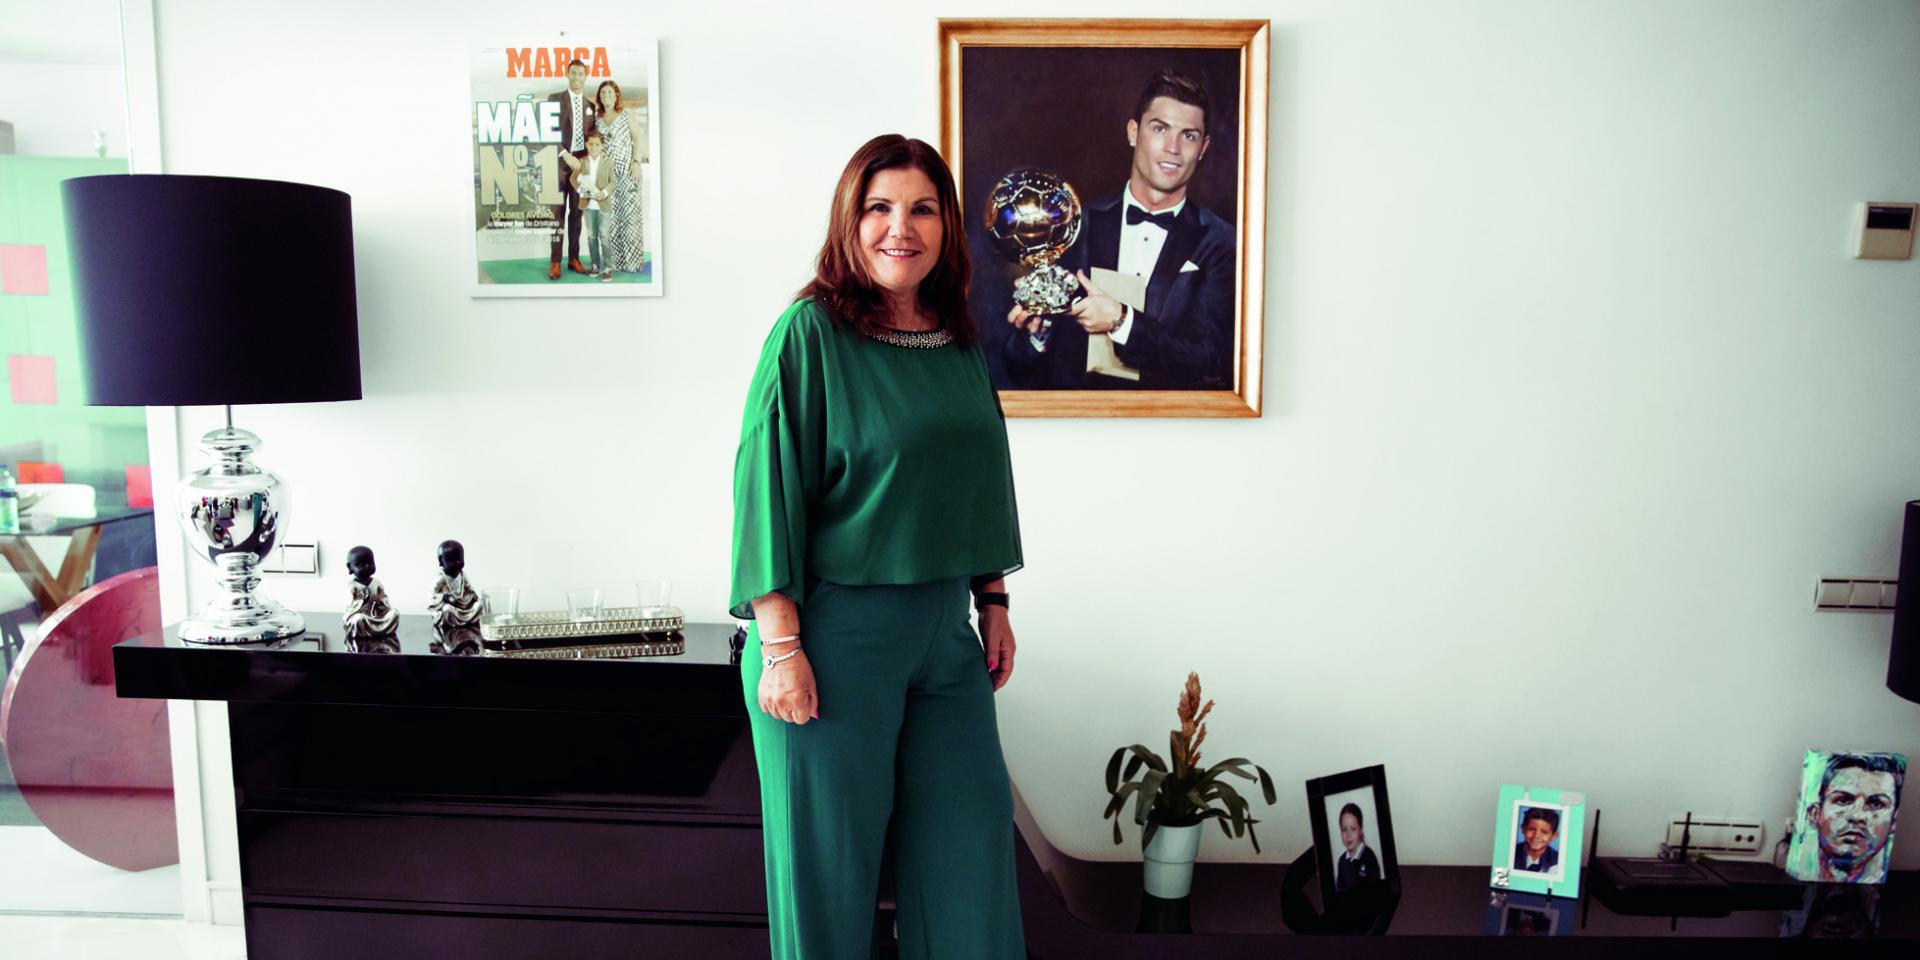 والدة رونالدو تكشف موعد اعتزاله